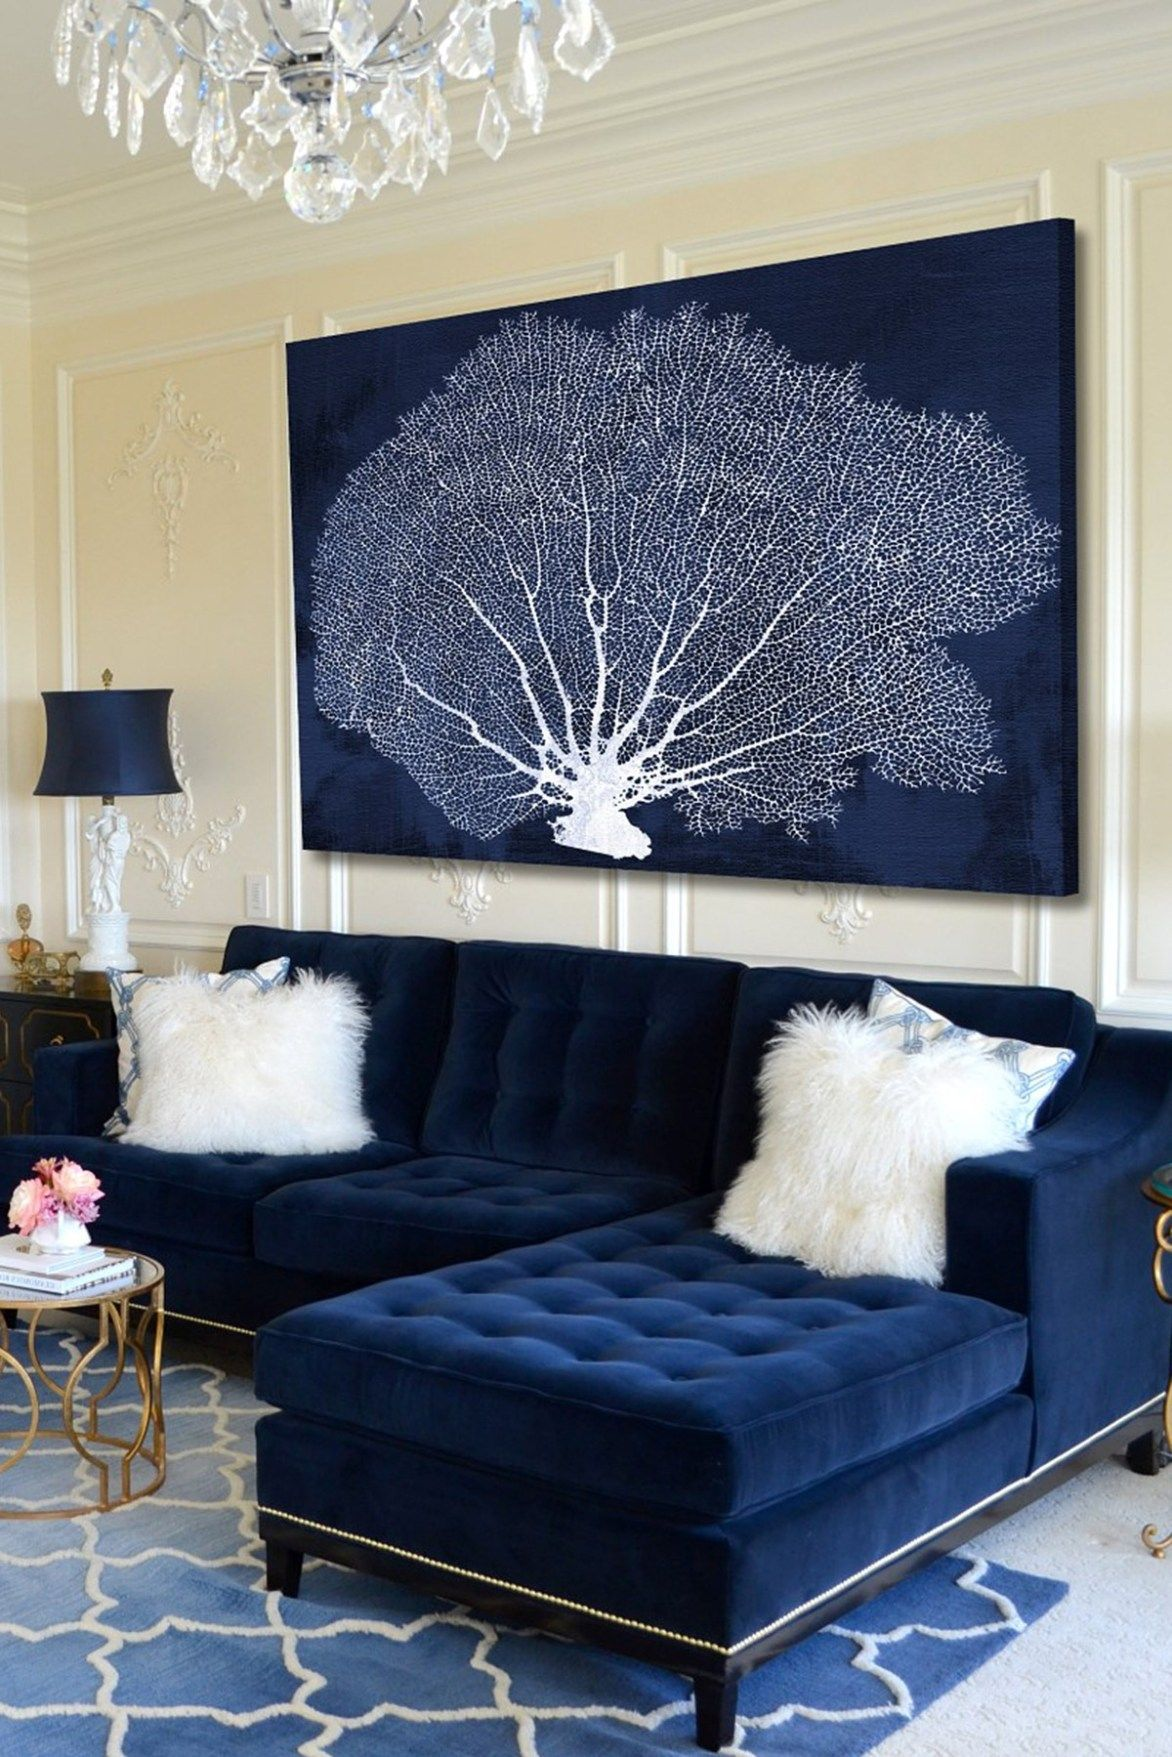 25 Stunning Living Rooms With Blue Velvet Sofas Blue And White Living Room Blue Couch Living Blue Couch Living Room